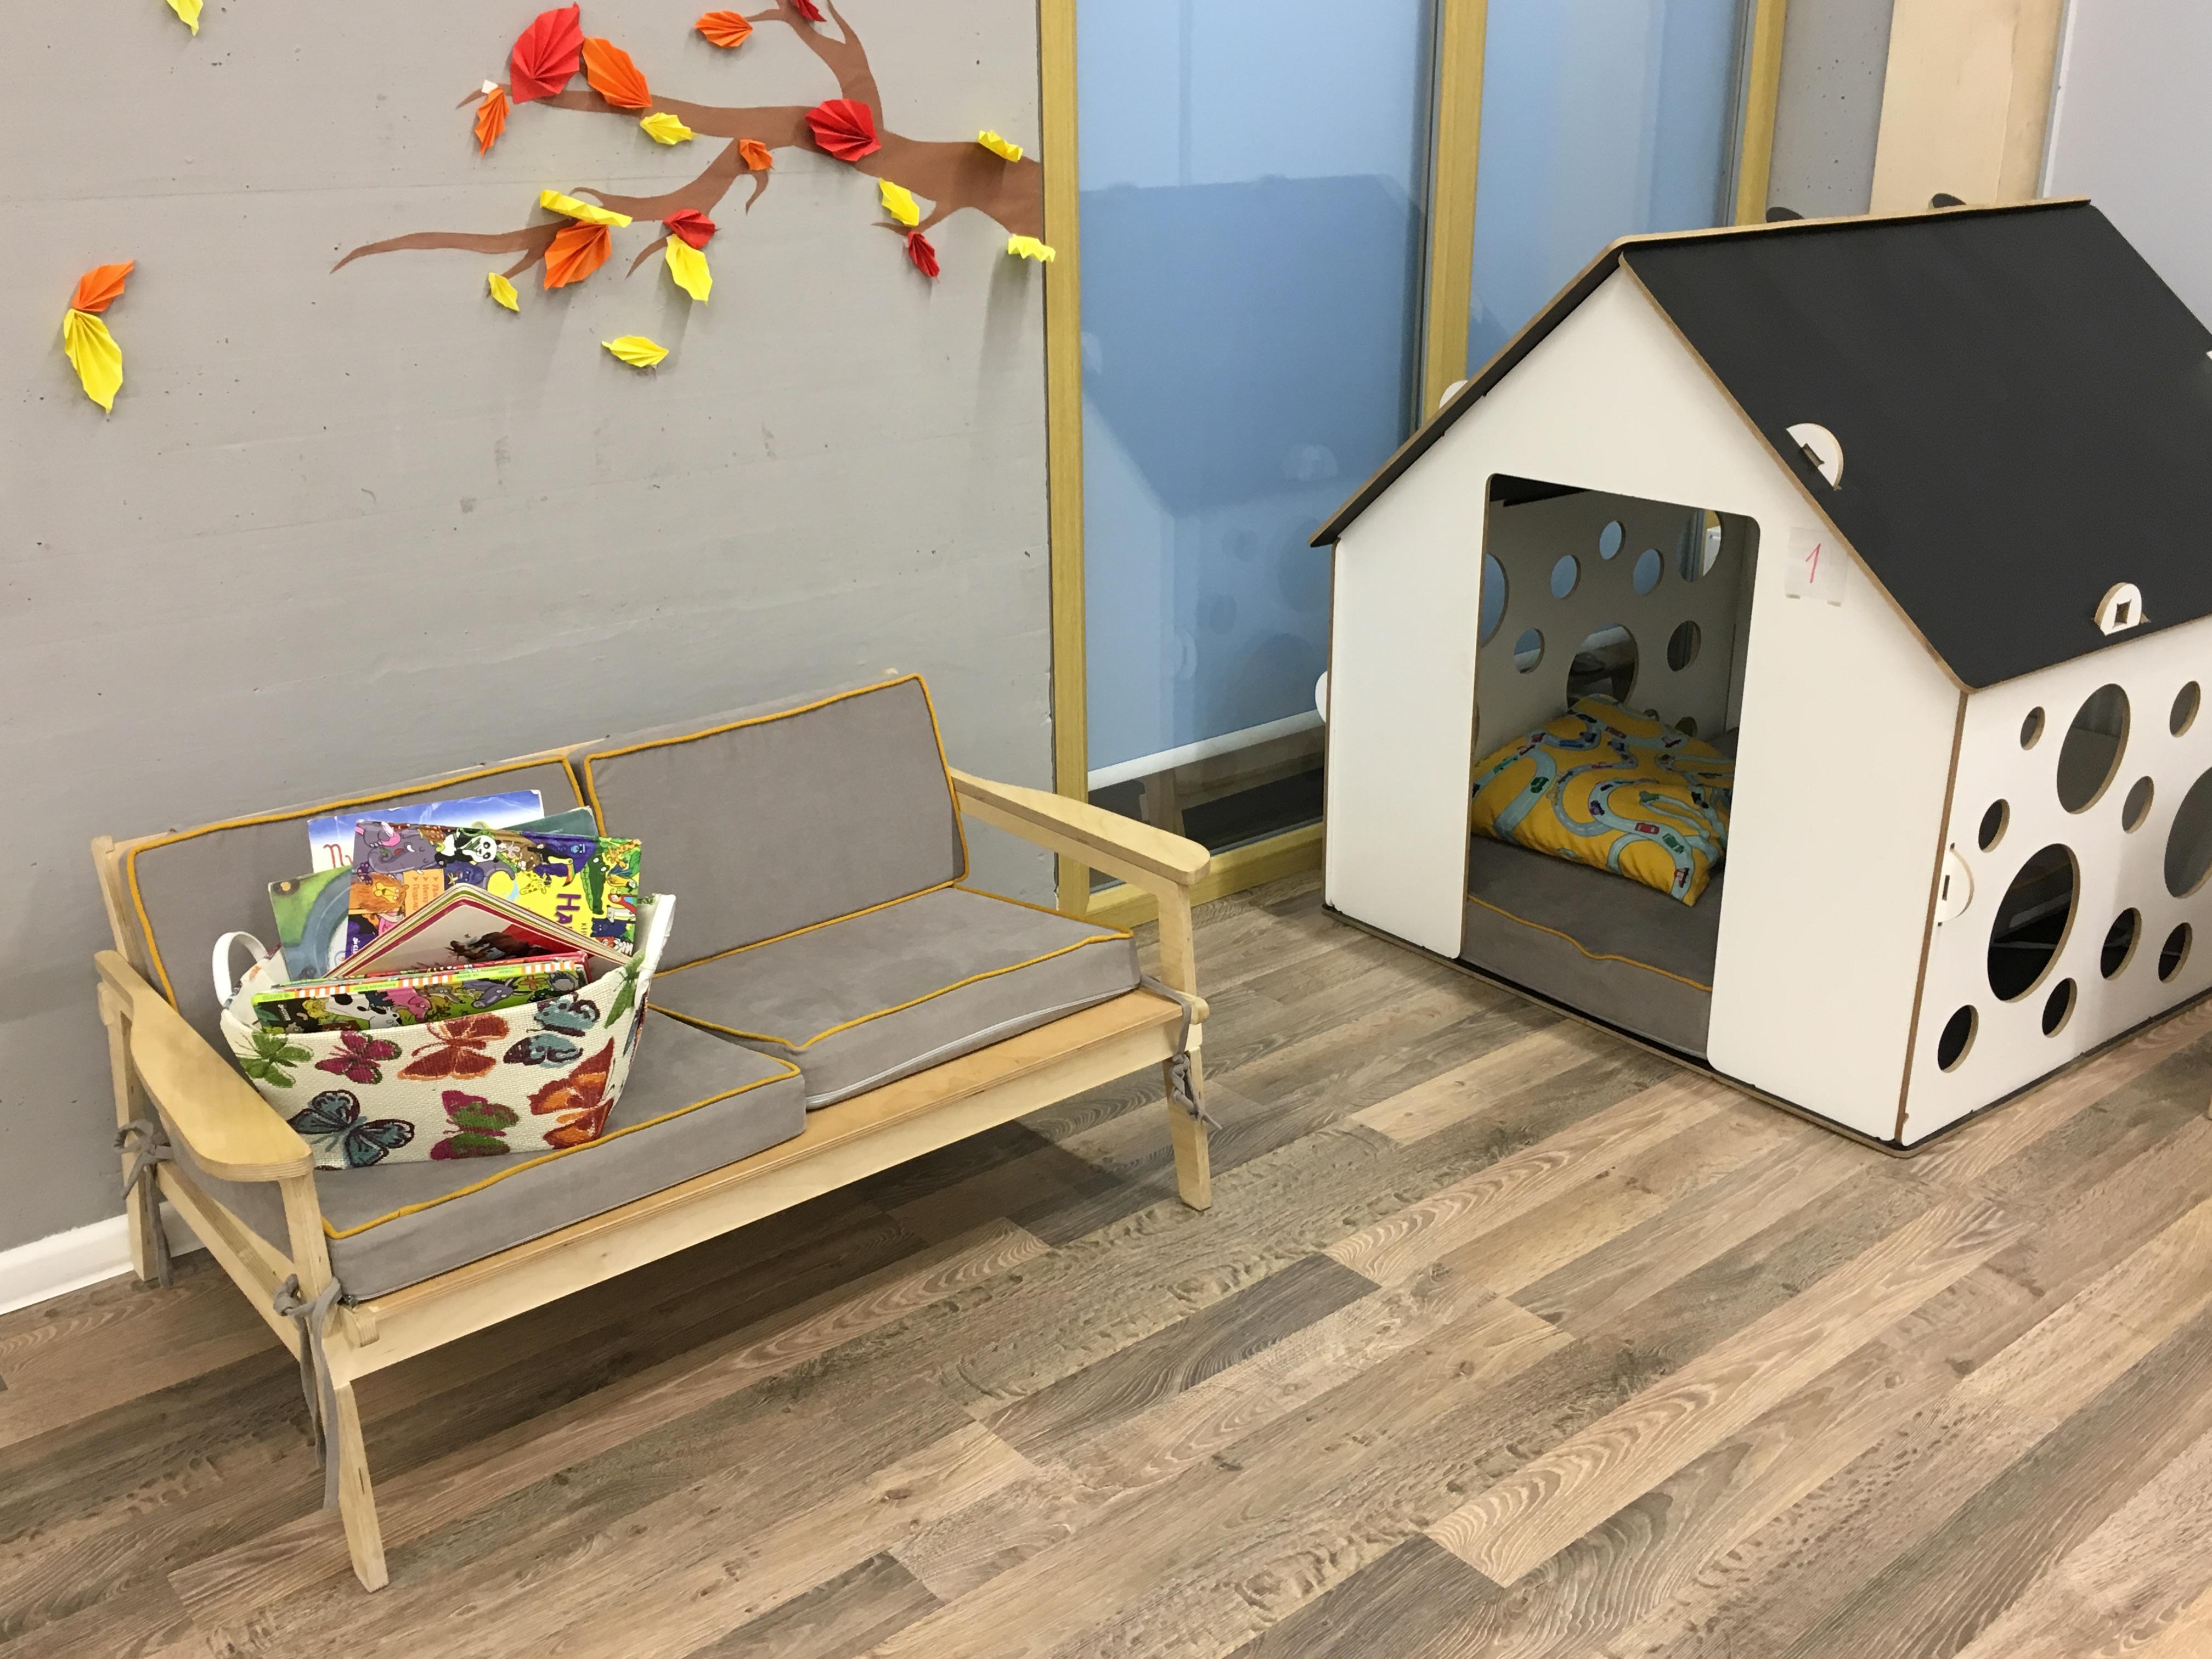 Интерьер детского сада Urban kids